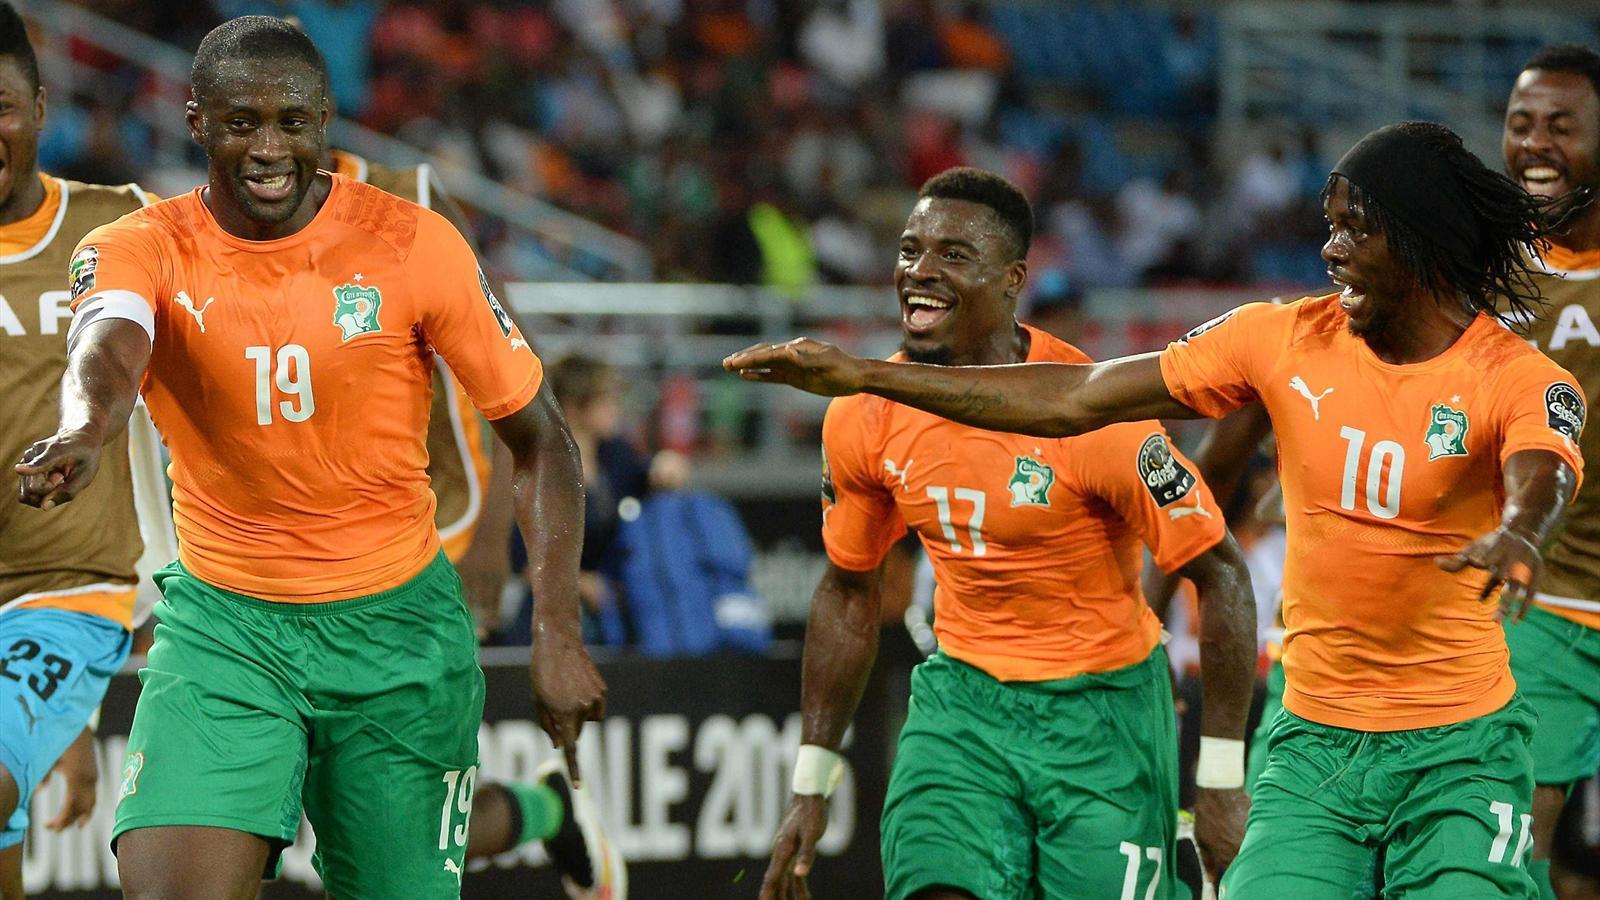 75e - Vainqueur coupe d afrique ...